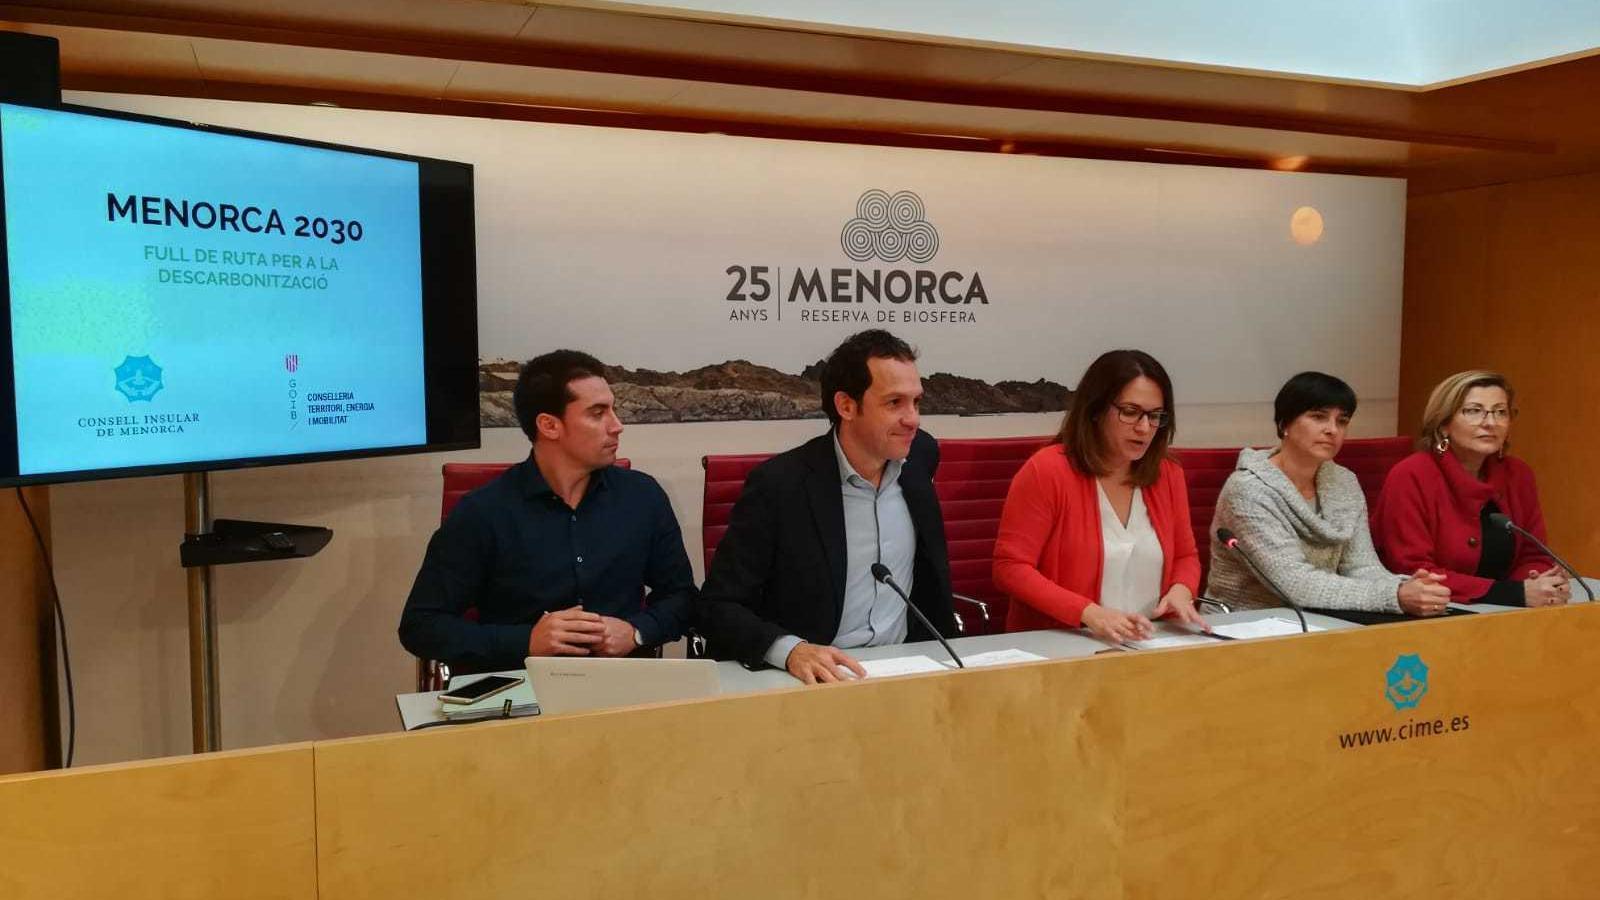 El conseller balear d'Energia, Marc Pons i la presidenta del Consell de Menorca, Susana Mora han detallat les accions que pensen dur a terme.